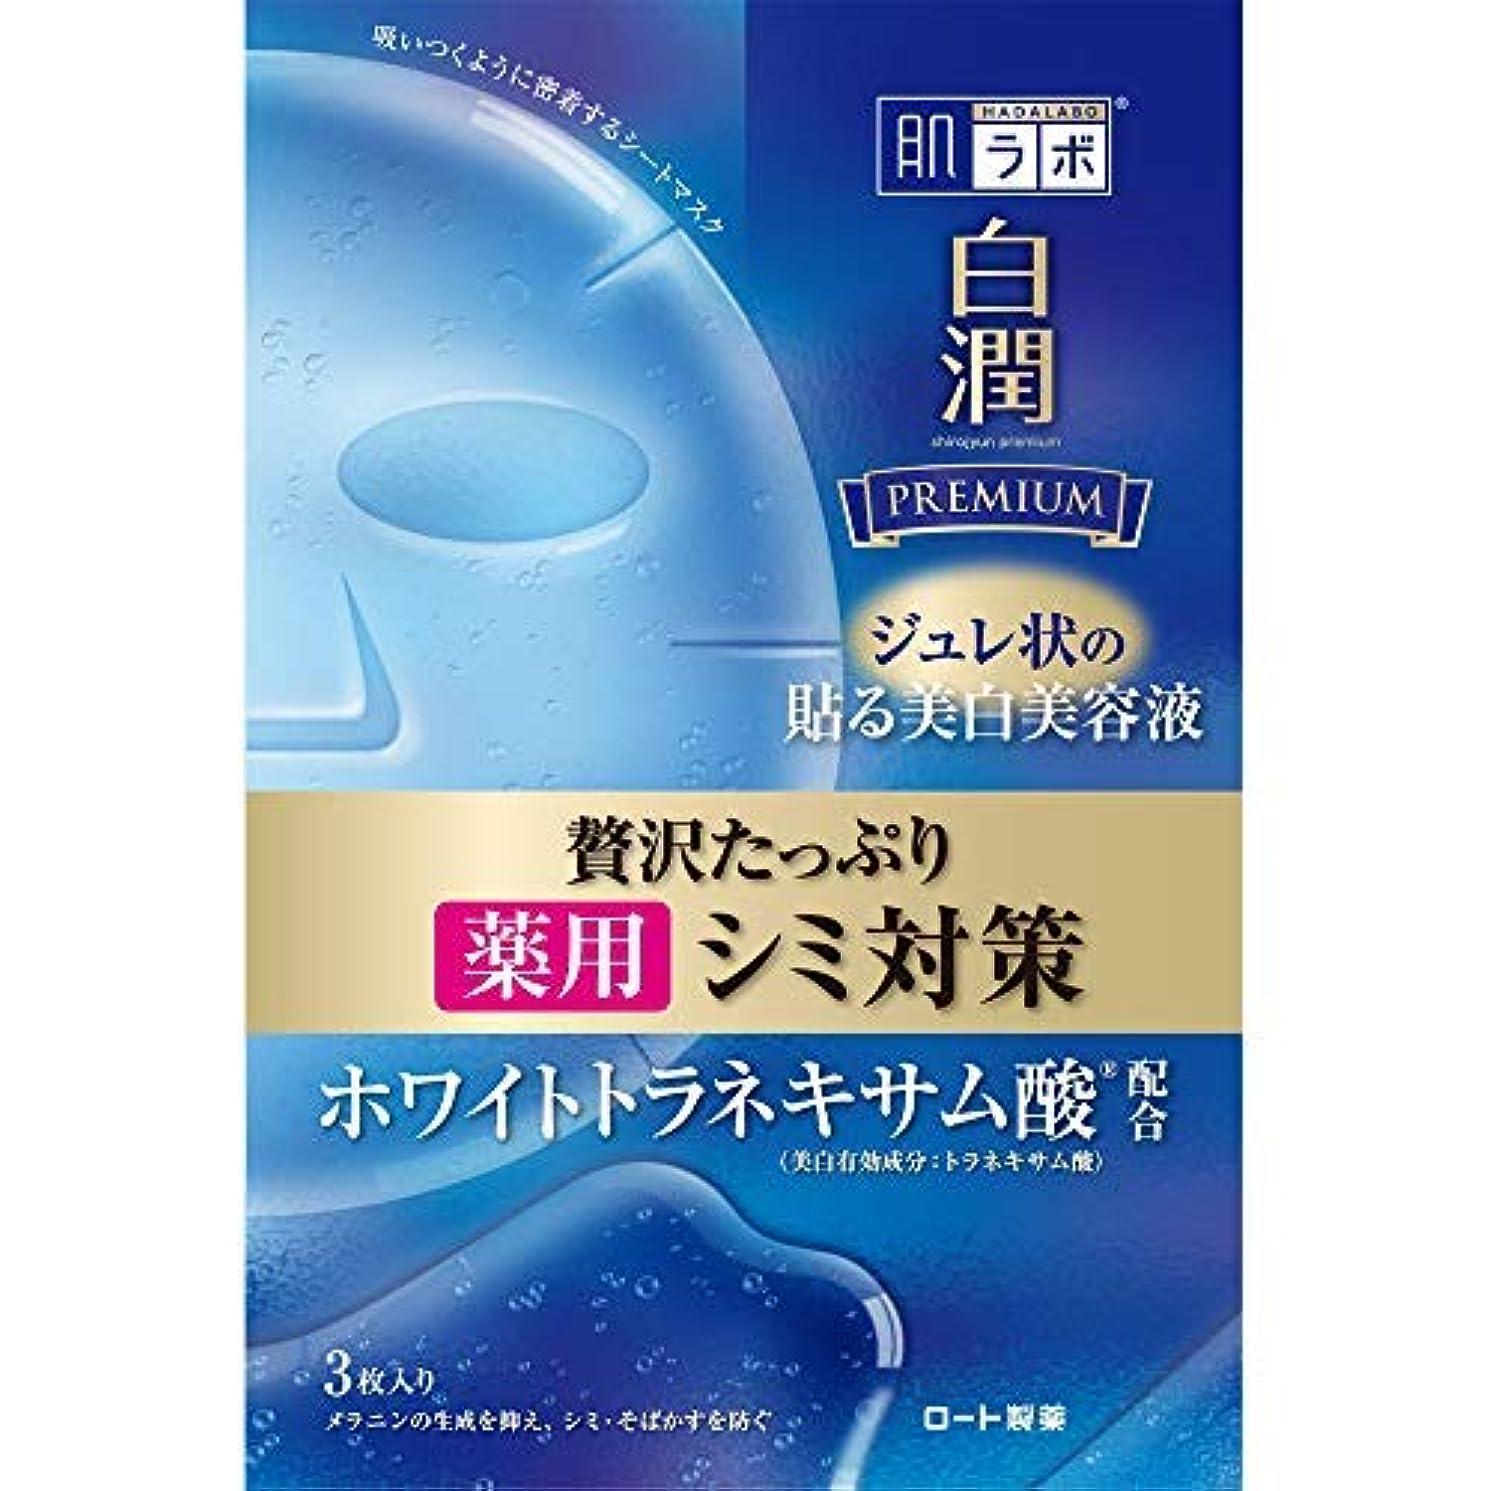 リーンダンス強要肌ラボ 白潤プレミアム 薬用浸透美白ジュレマスク × 10個セット